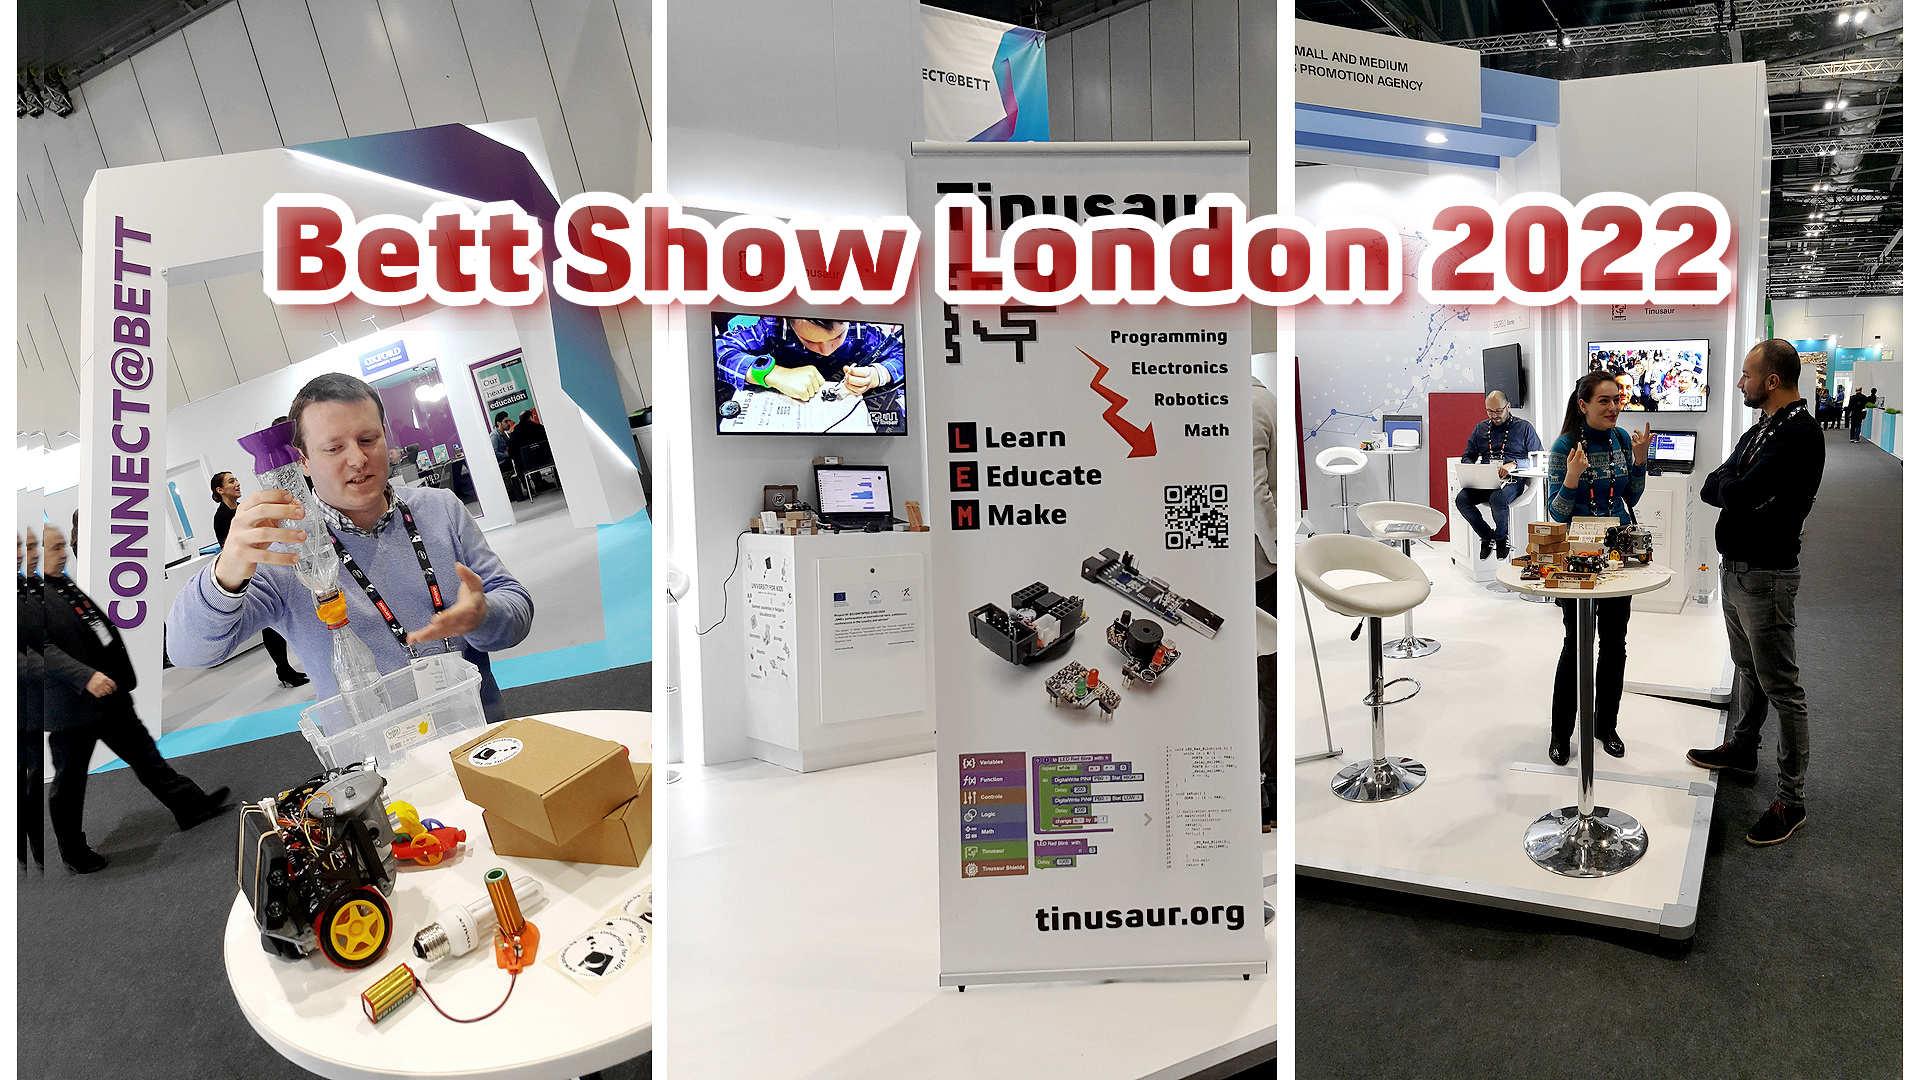 Участие в Bett Show London 2022 на български фирми